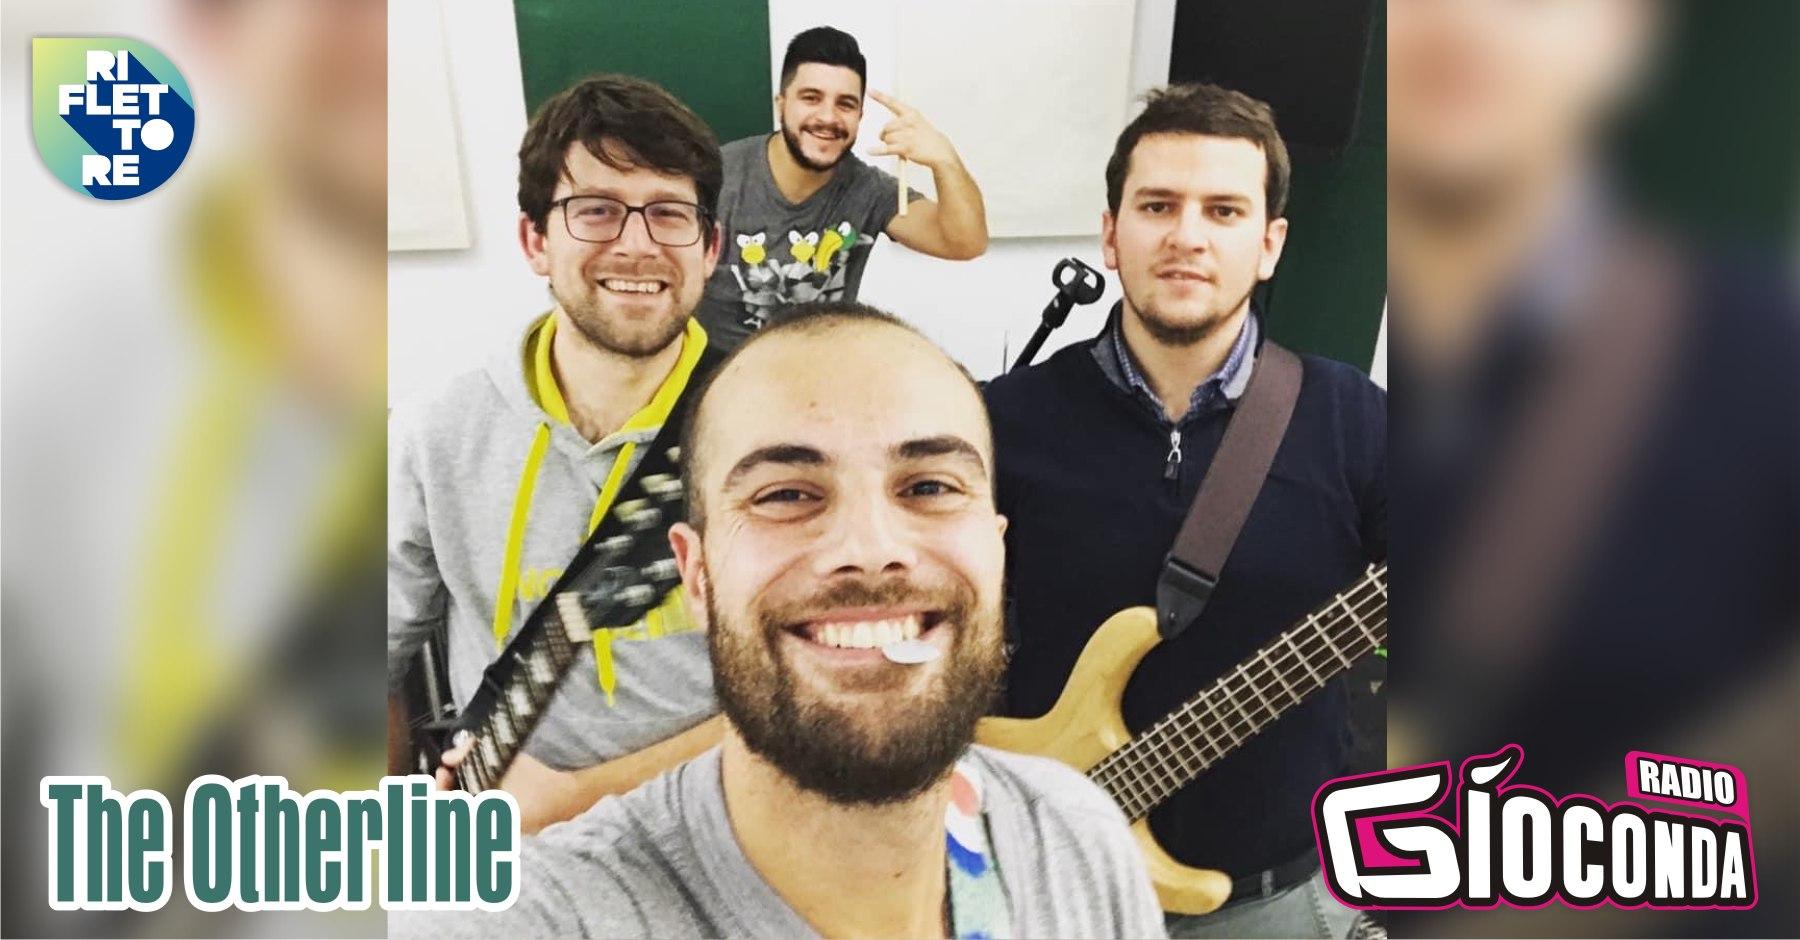 """L'ospite di """"Riflettore"""" di venerdì 15 ottobre è Pierre Mazzucco, il bassista della band The Otherline. La formazione, che lo scorso agosto ha partecipato alla selezione FVG del contest musicale Sanremo Rock, ha all'attivo numerosi live anche oltre i confini regionali."""